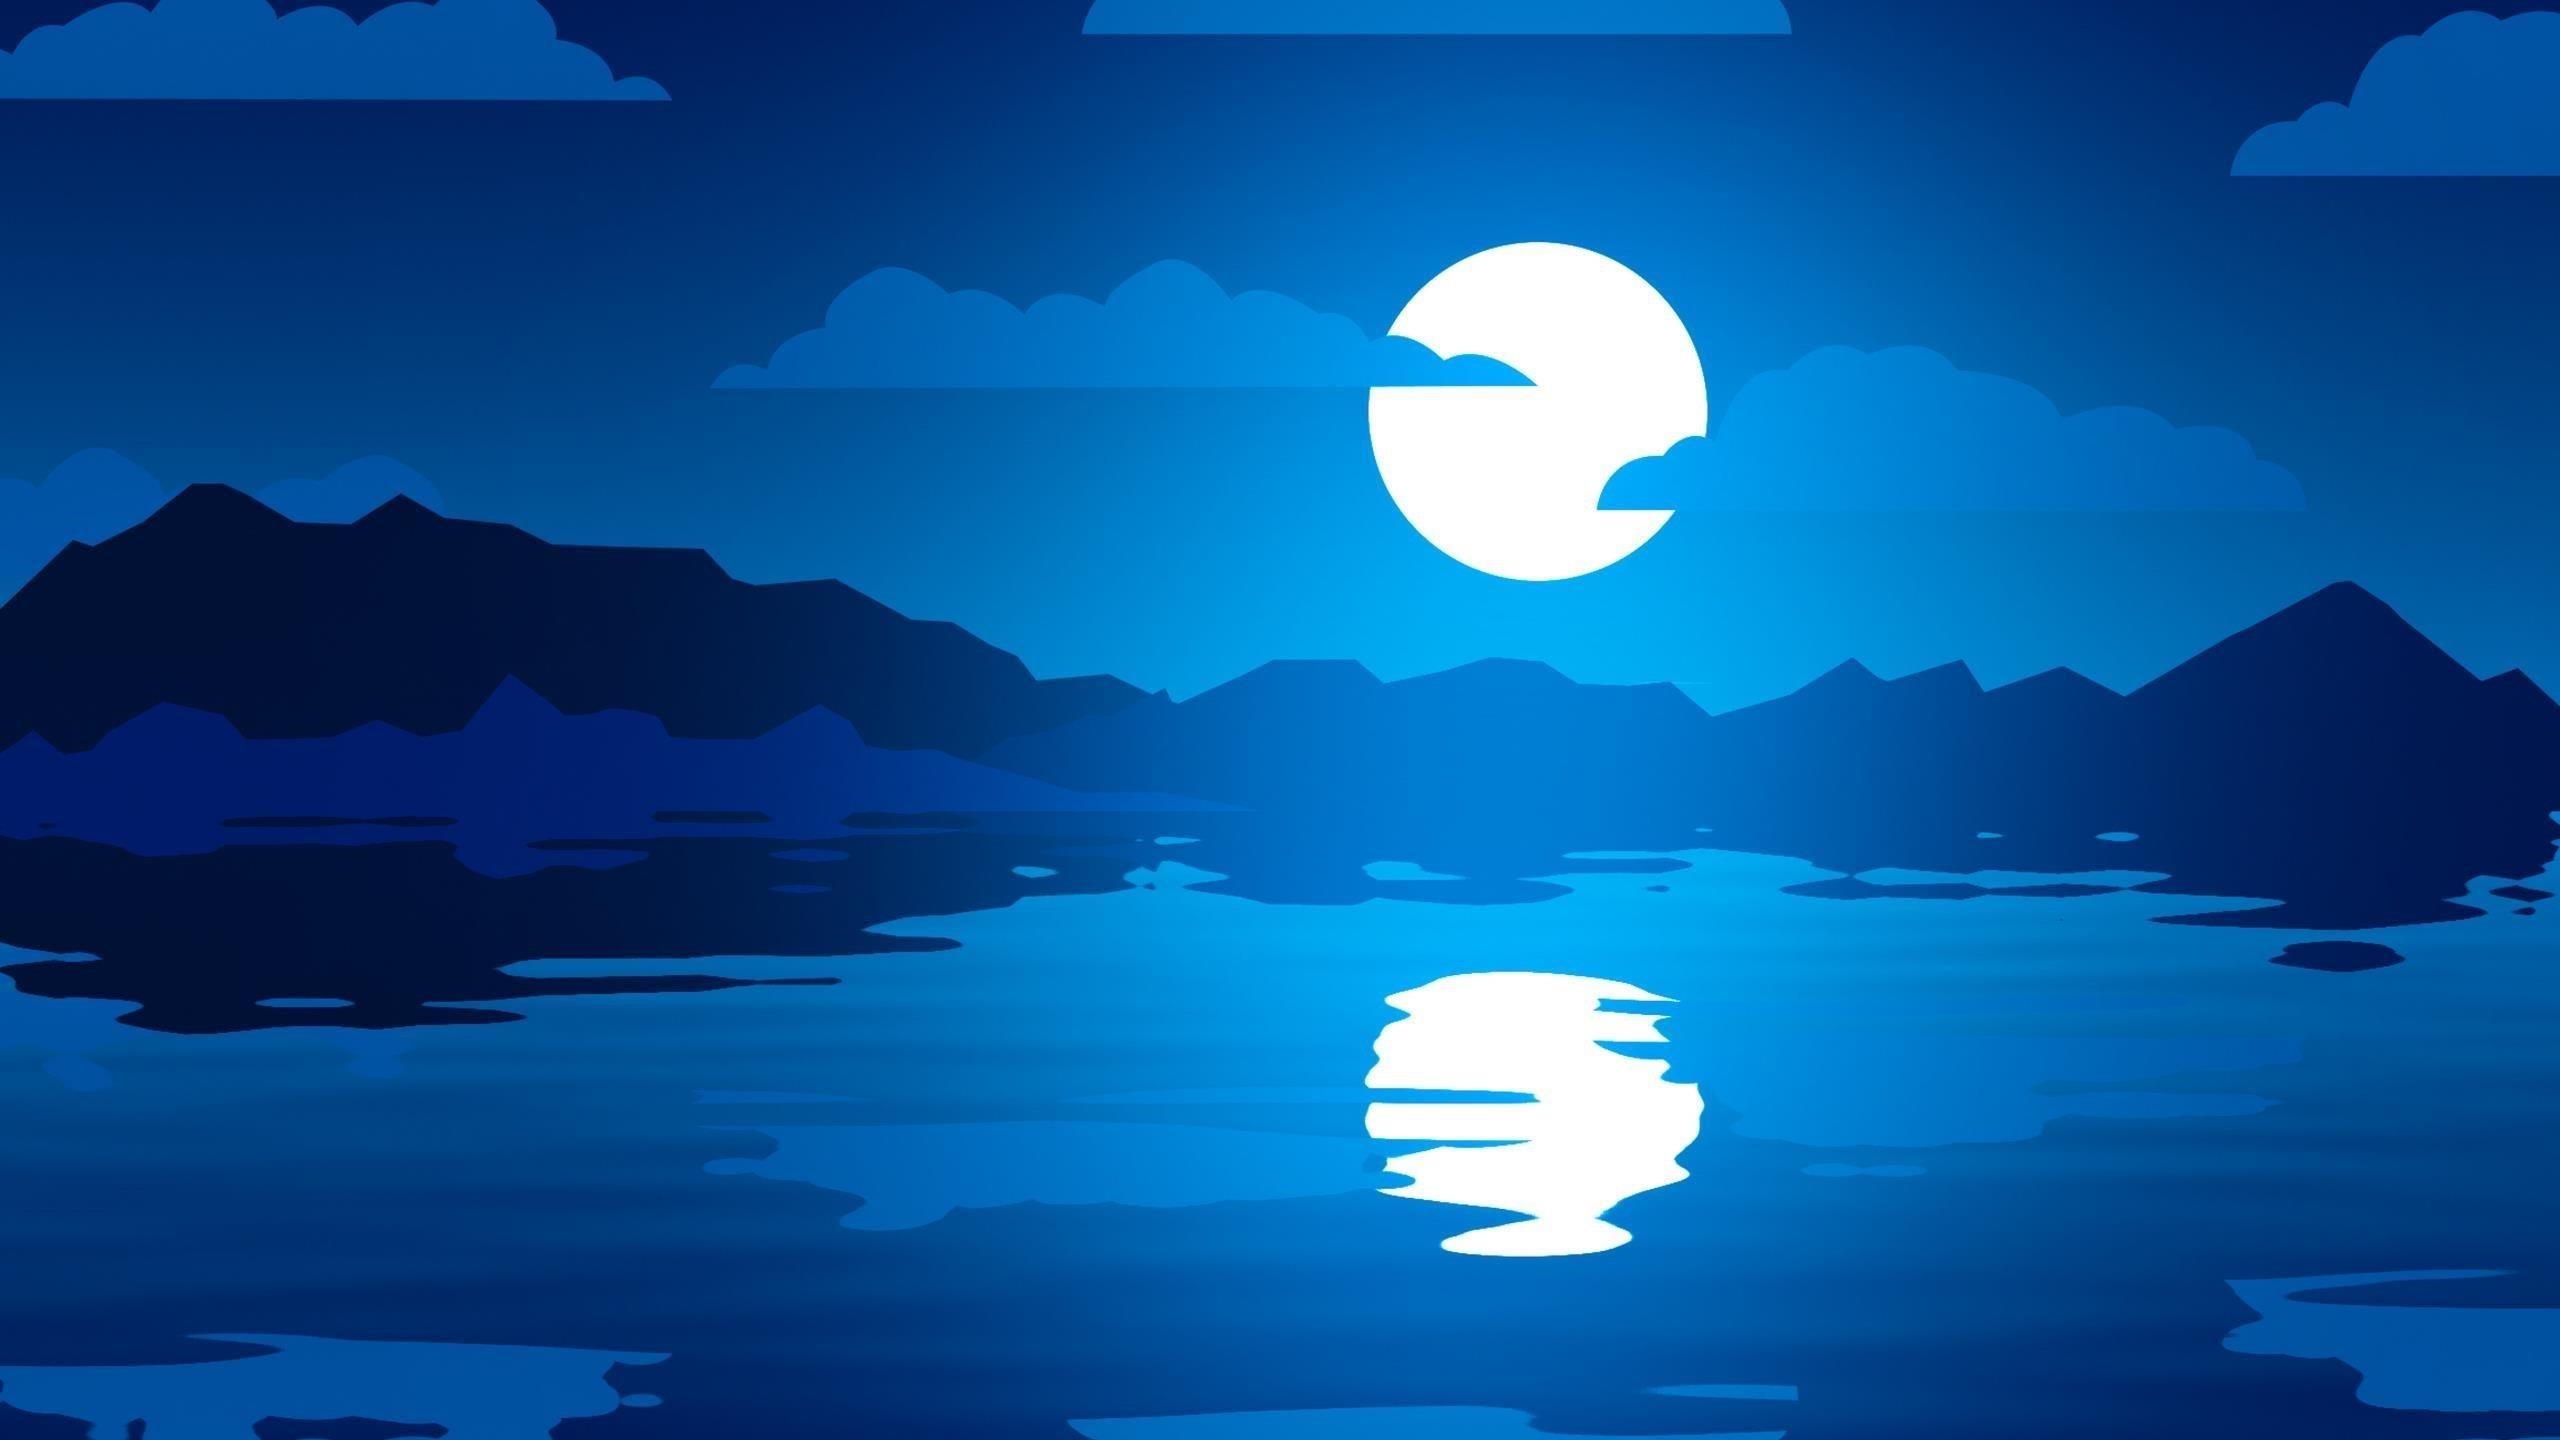 Лунные отражения обои скачать